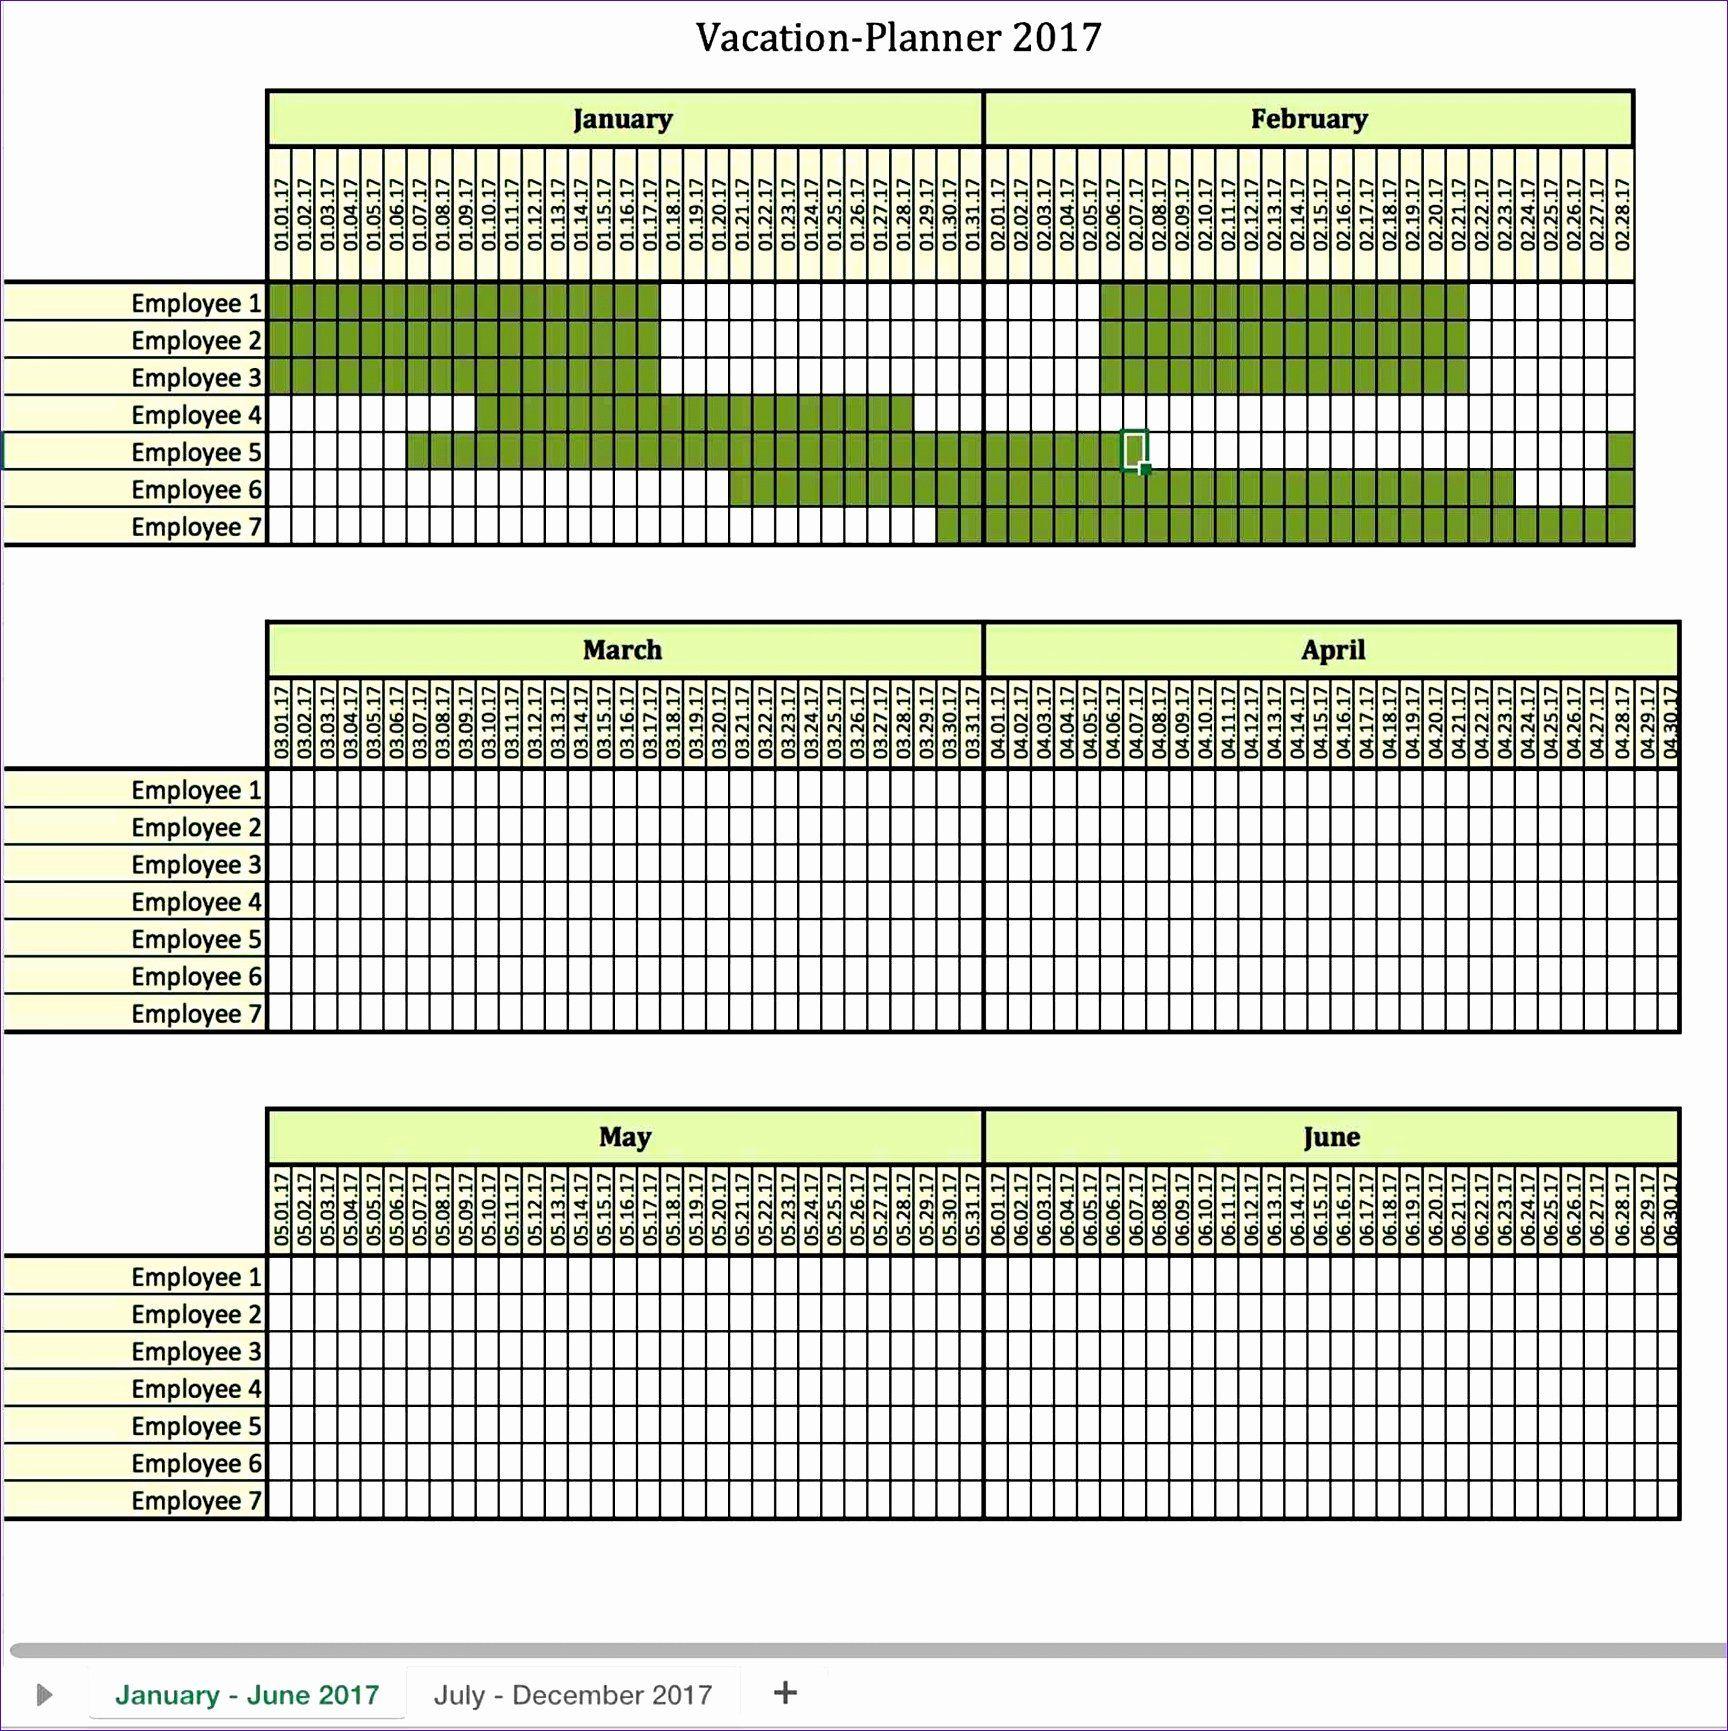 Monthly Employee Schedule Template Excel Beautiful 8 Monthly Employee Work Schedule Template Travel Planner Template Vacation Planner Template Vacation Planner [ 1731 x 1728 Pixel ]